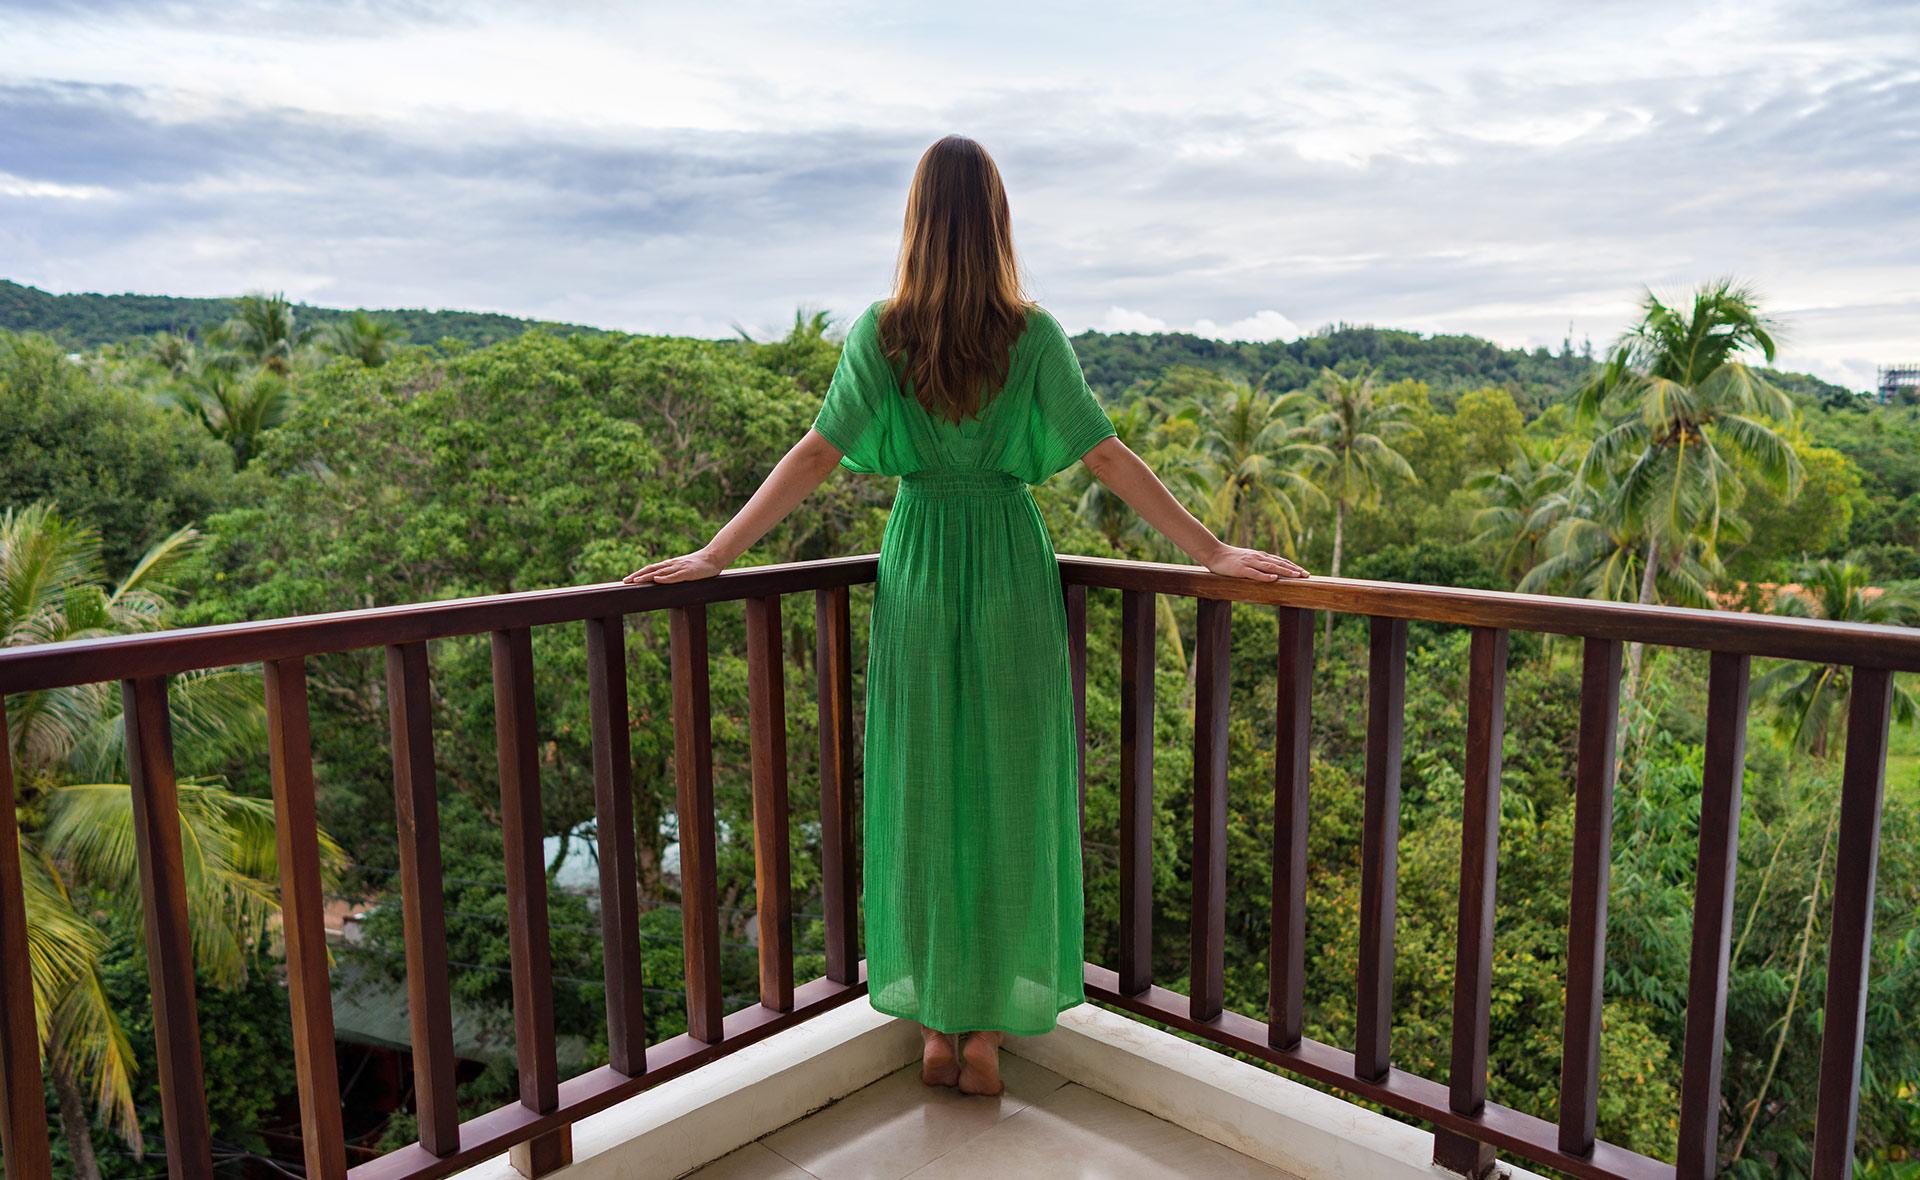 BBVA-hoteles-sostenibles-turismo-sostenibilidad-viajes-vacaciones-verano-alojamientos-estancia-viajeros